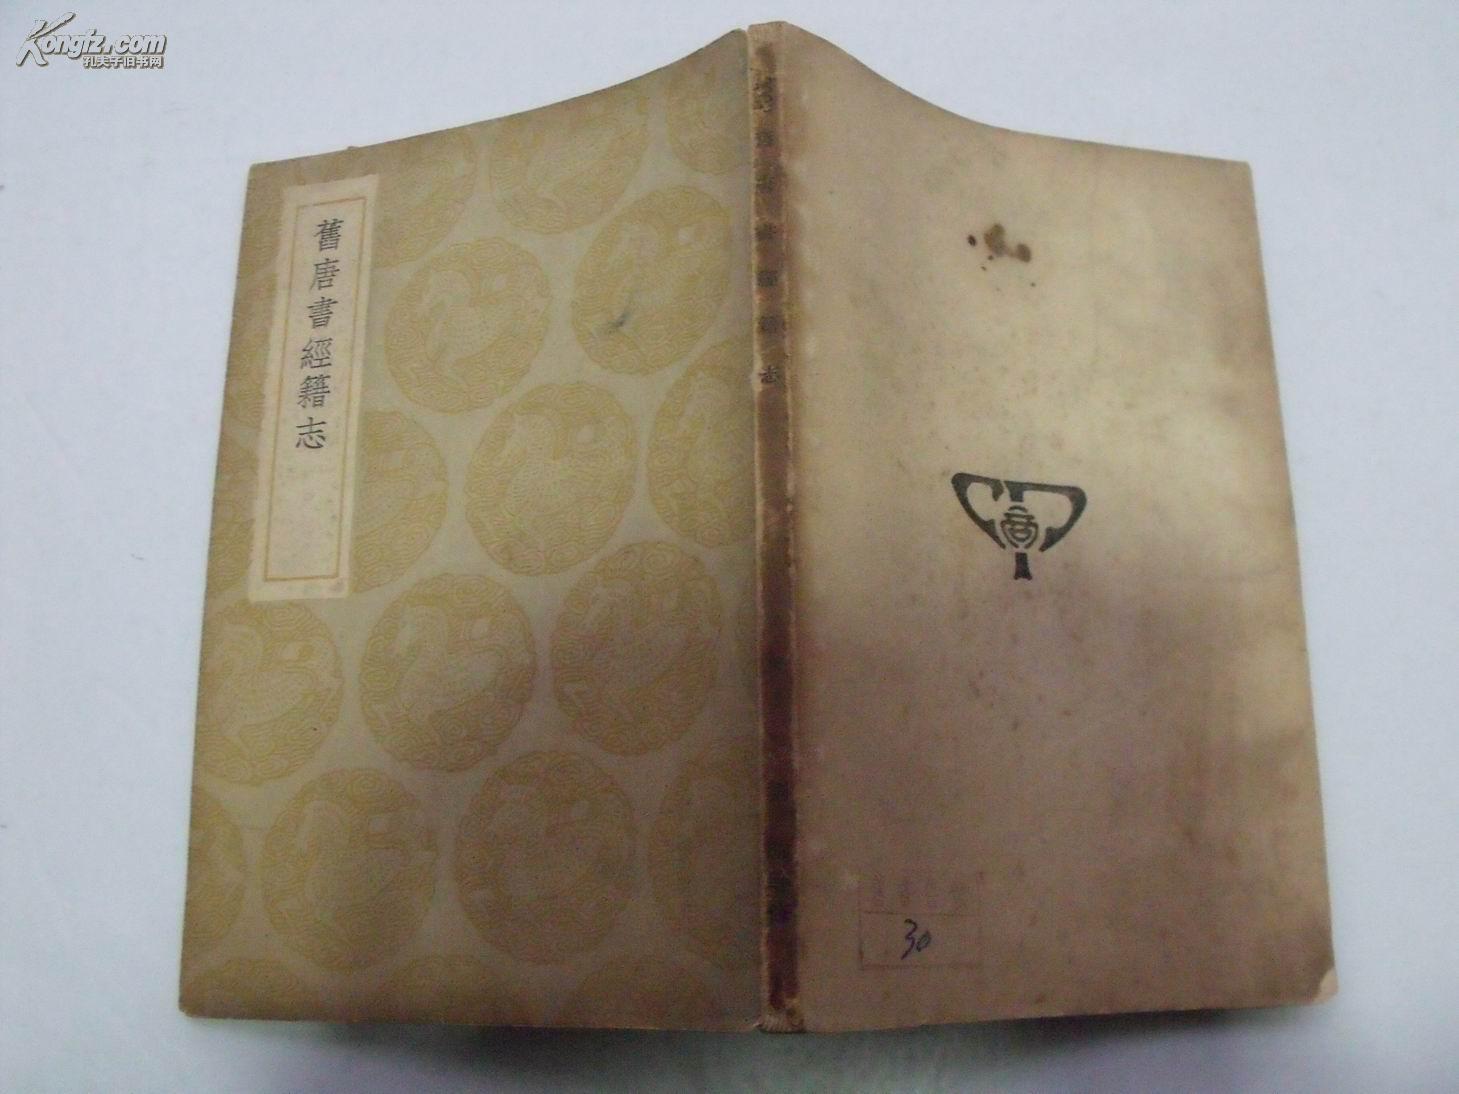 舊唐書經籍志(民國25年初版)原版現貨